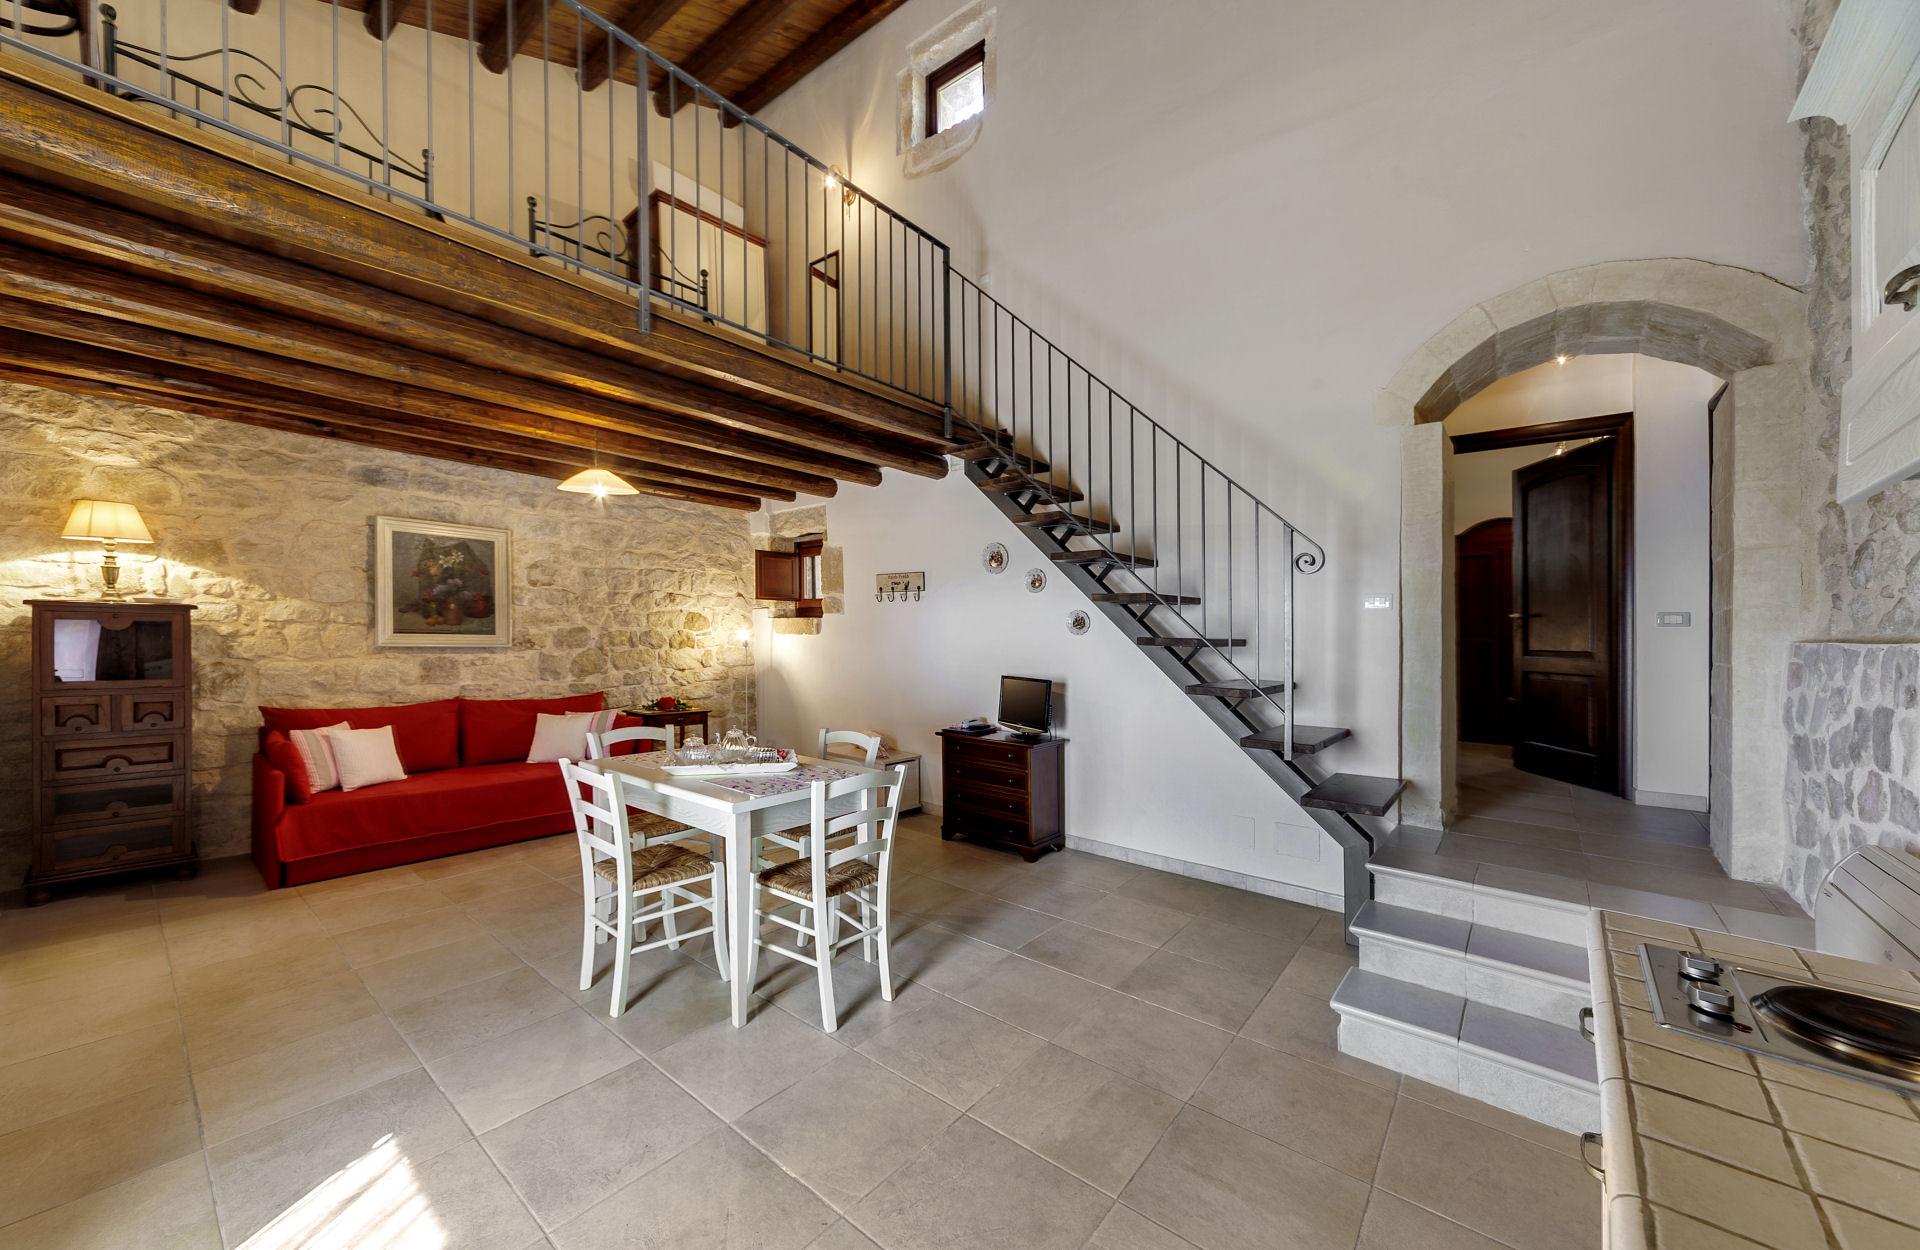 alloggi, BILOCALE SILVA SURI,Silva Suri, Country Hotel, Ragusa, Marina di Ragusa, Sala Ricevimenti. Hotel